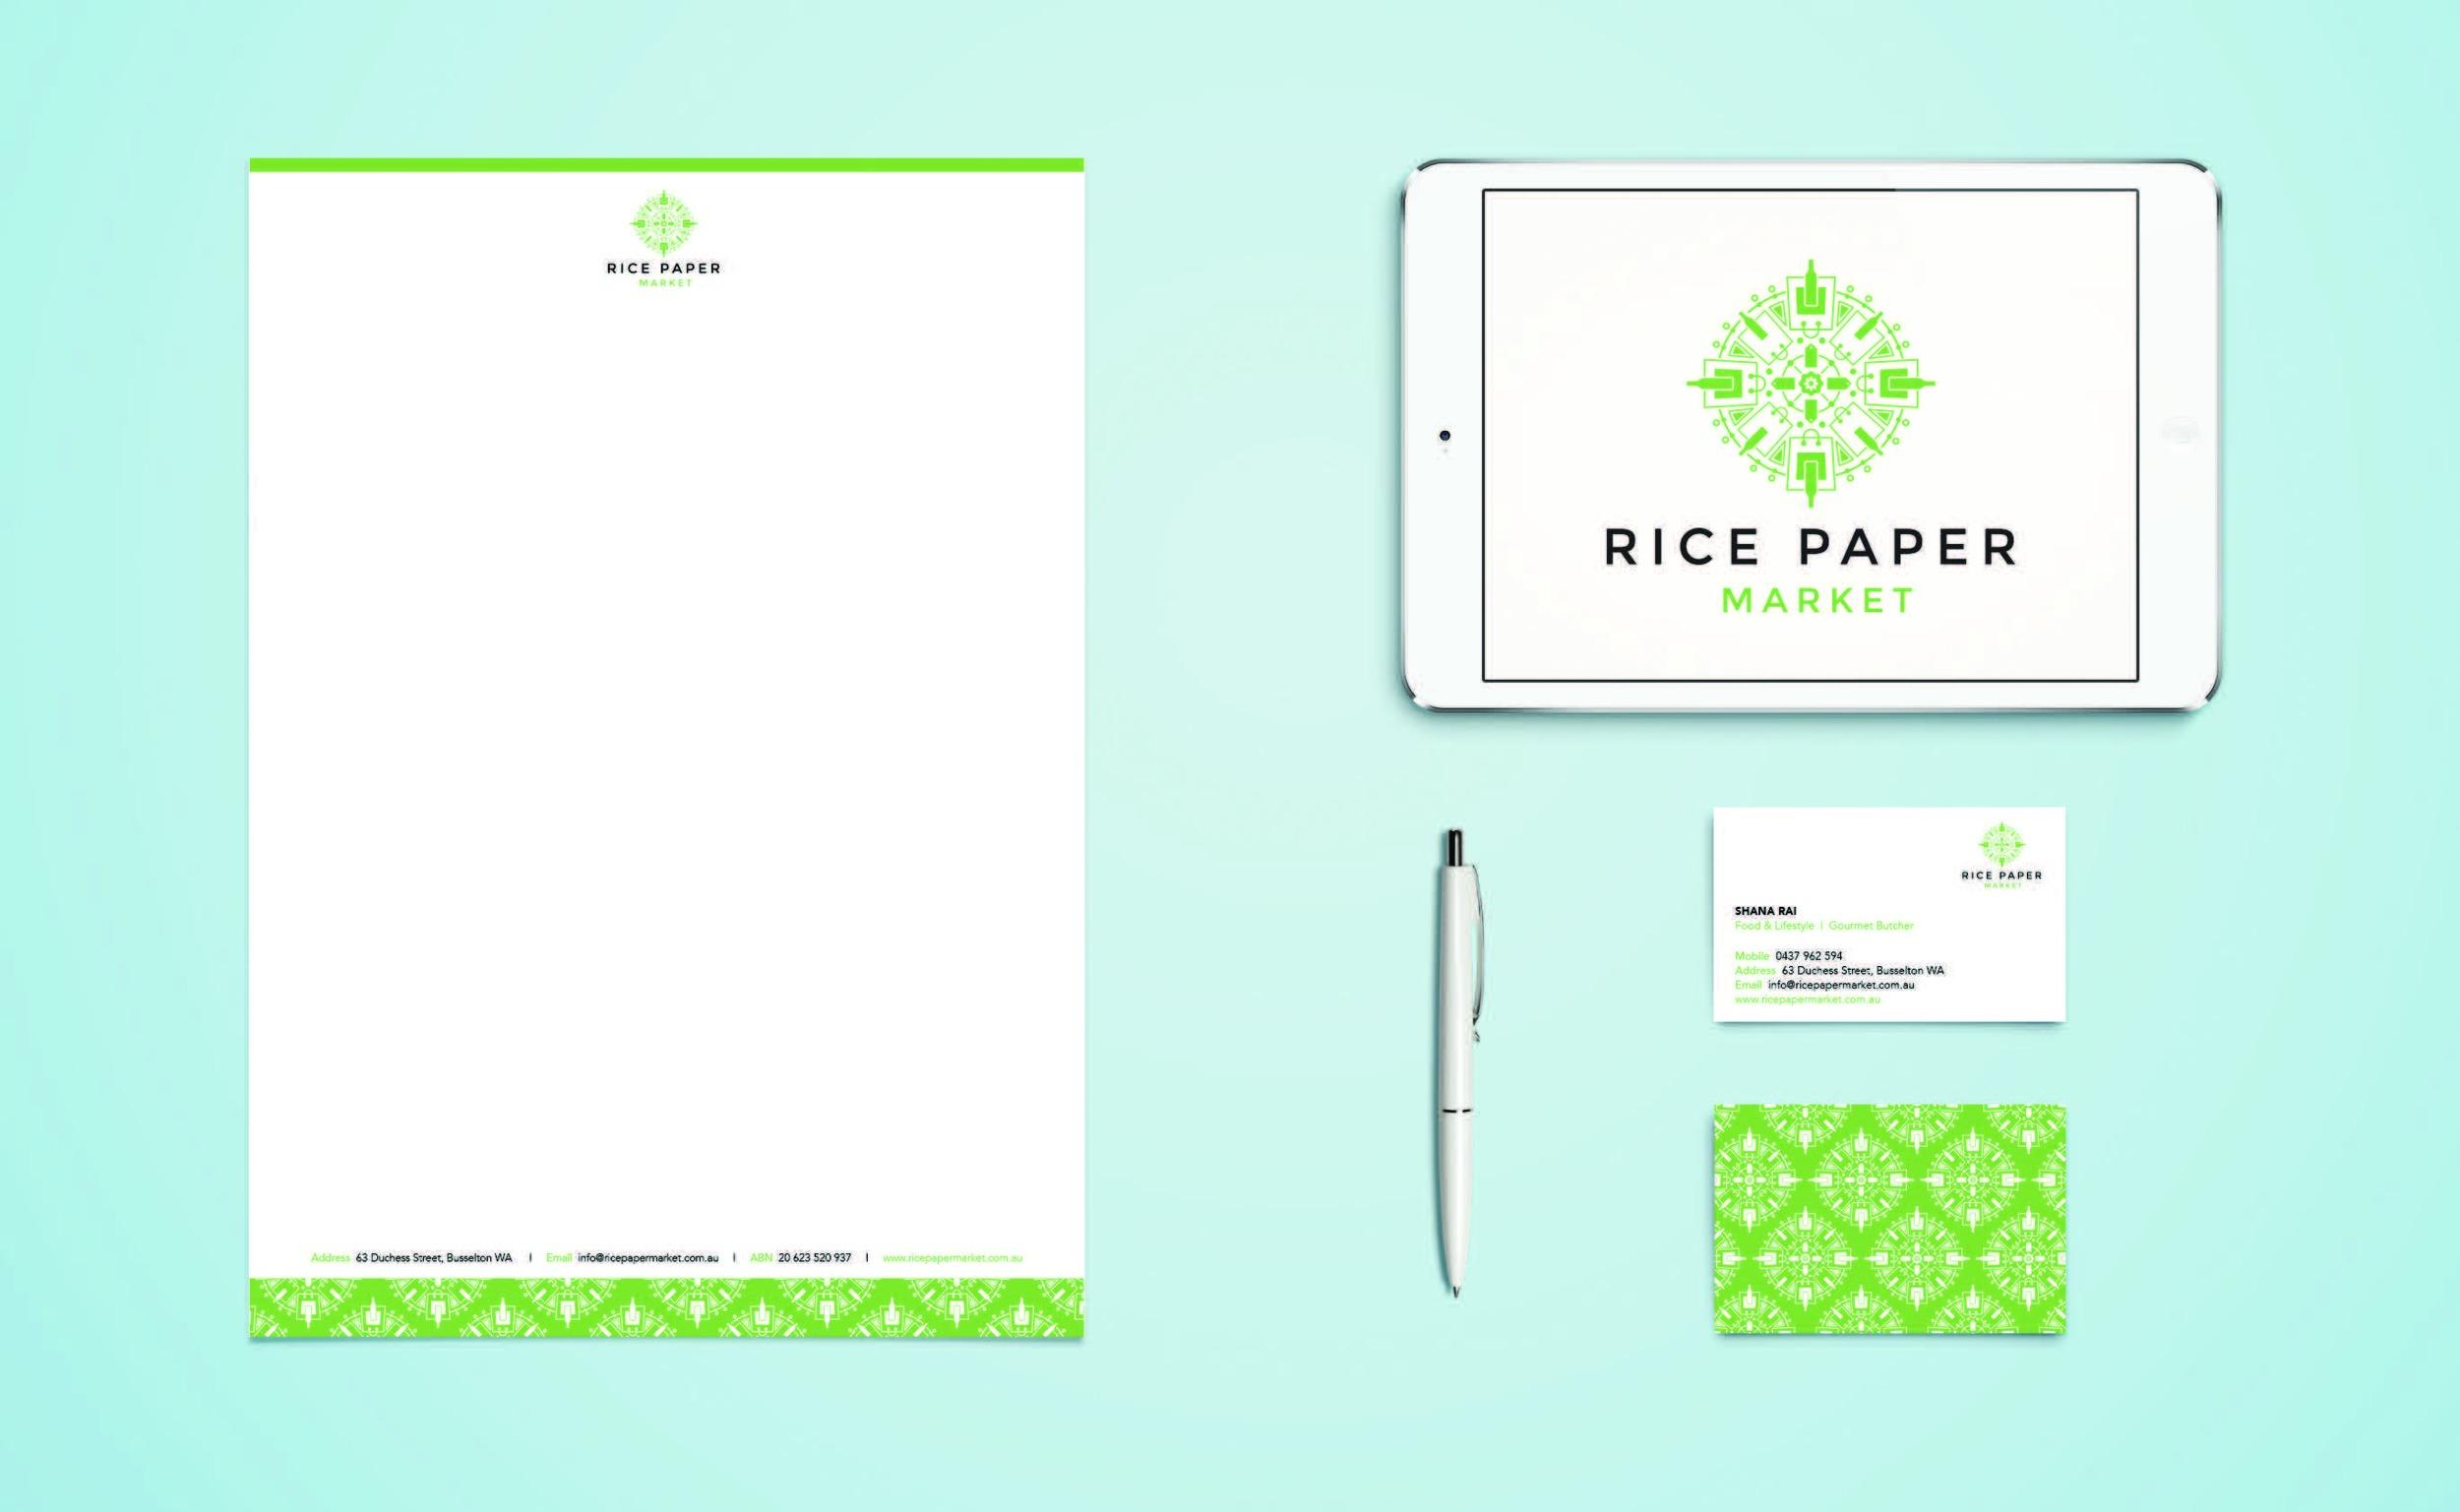 RicePaperMarket